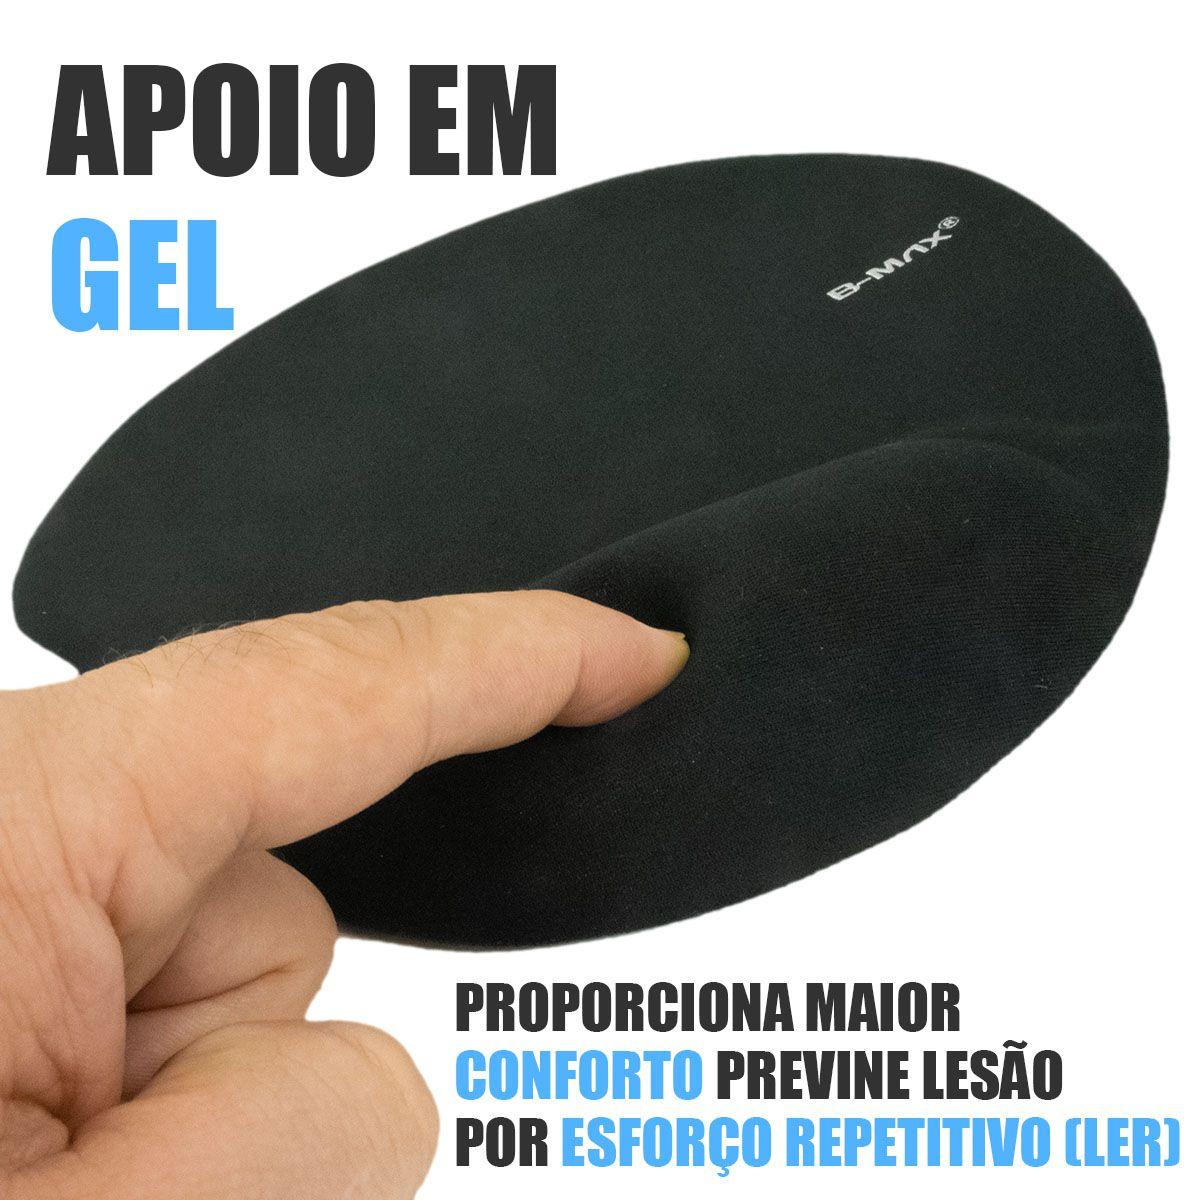 KIT 5x Mouse Pad com Apoio de Pulso em Gel Confort B-Max BM751